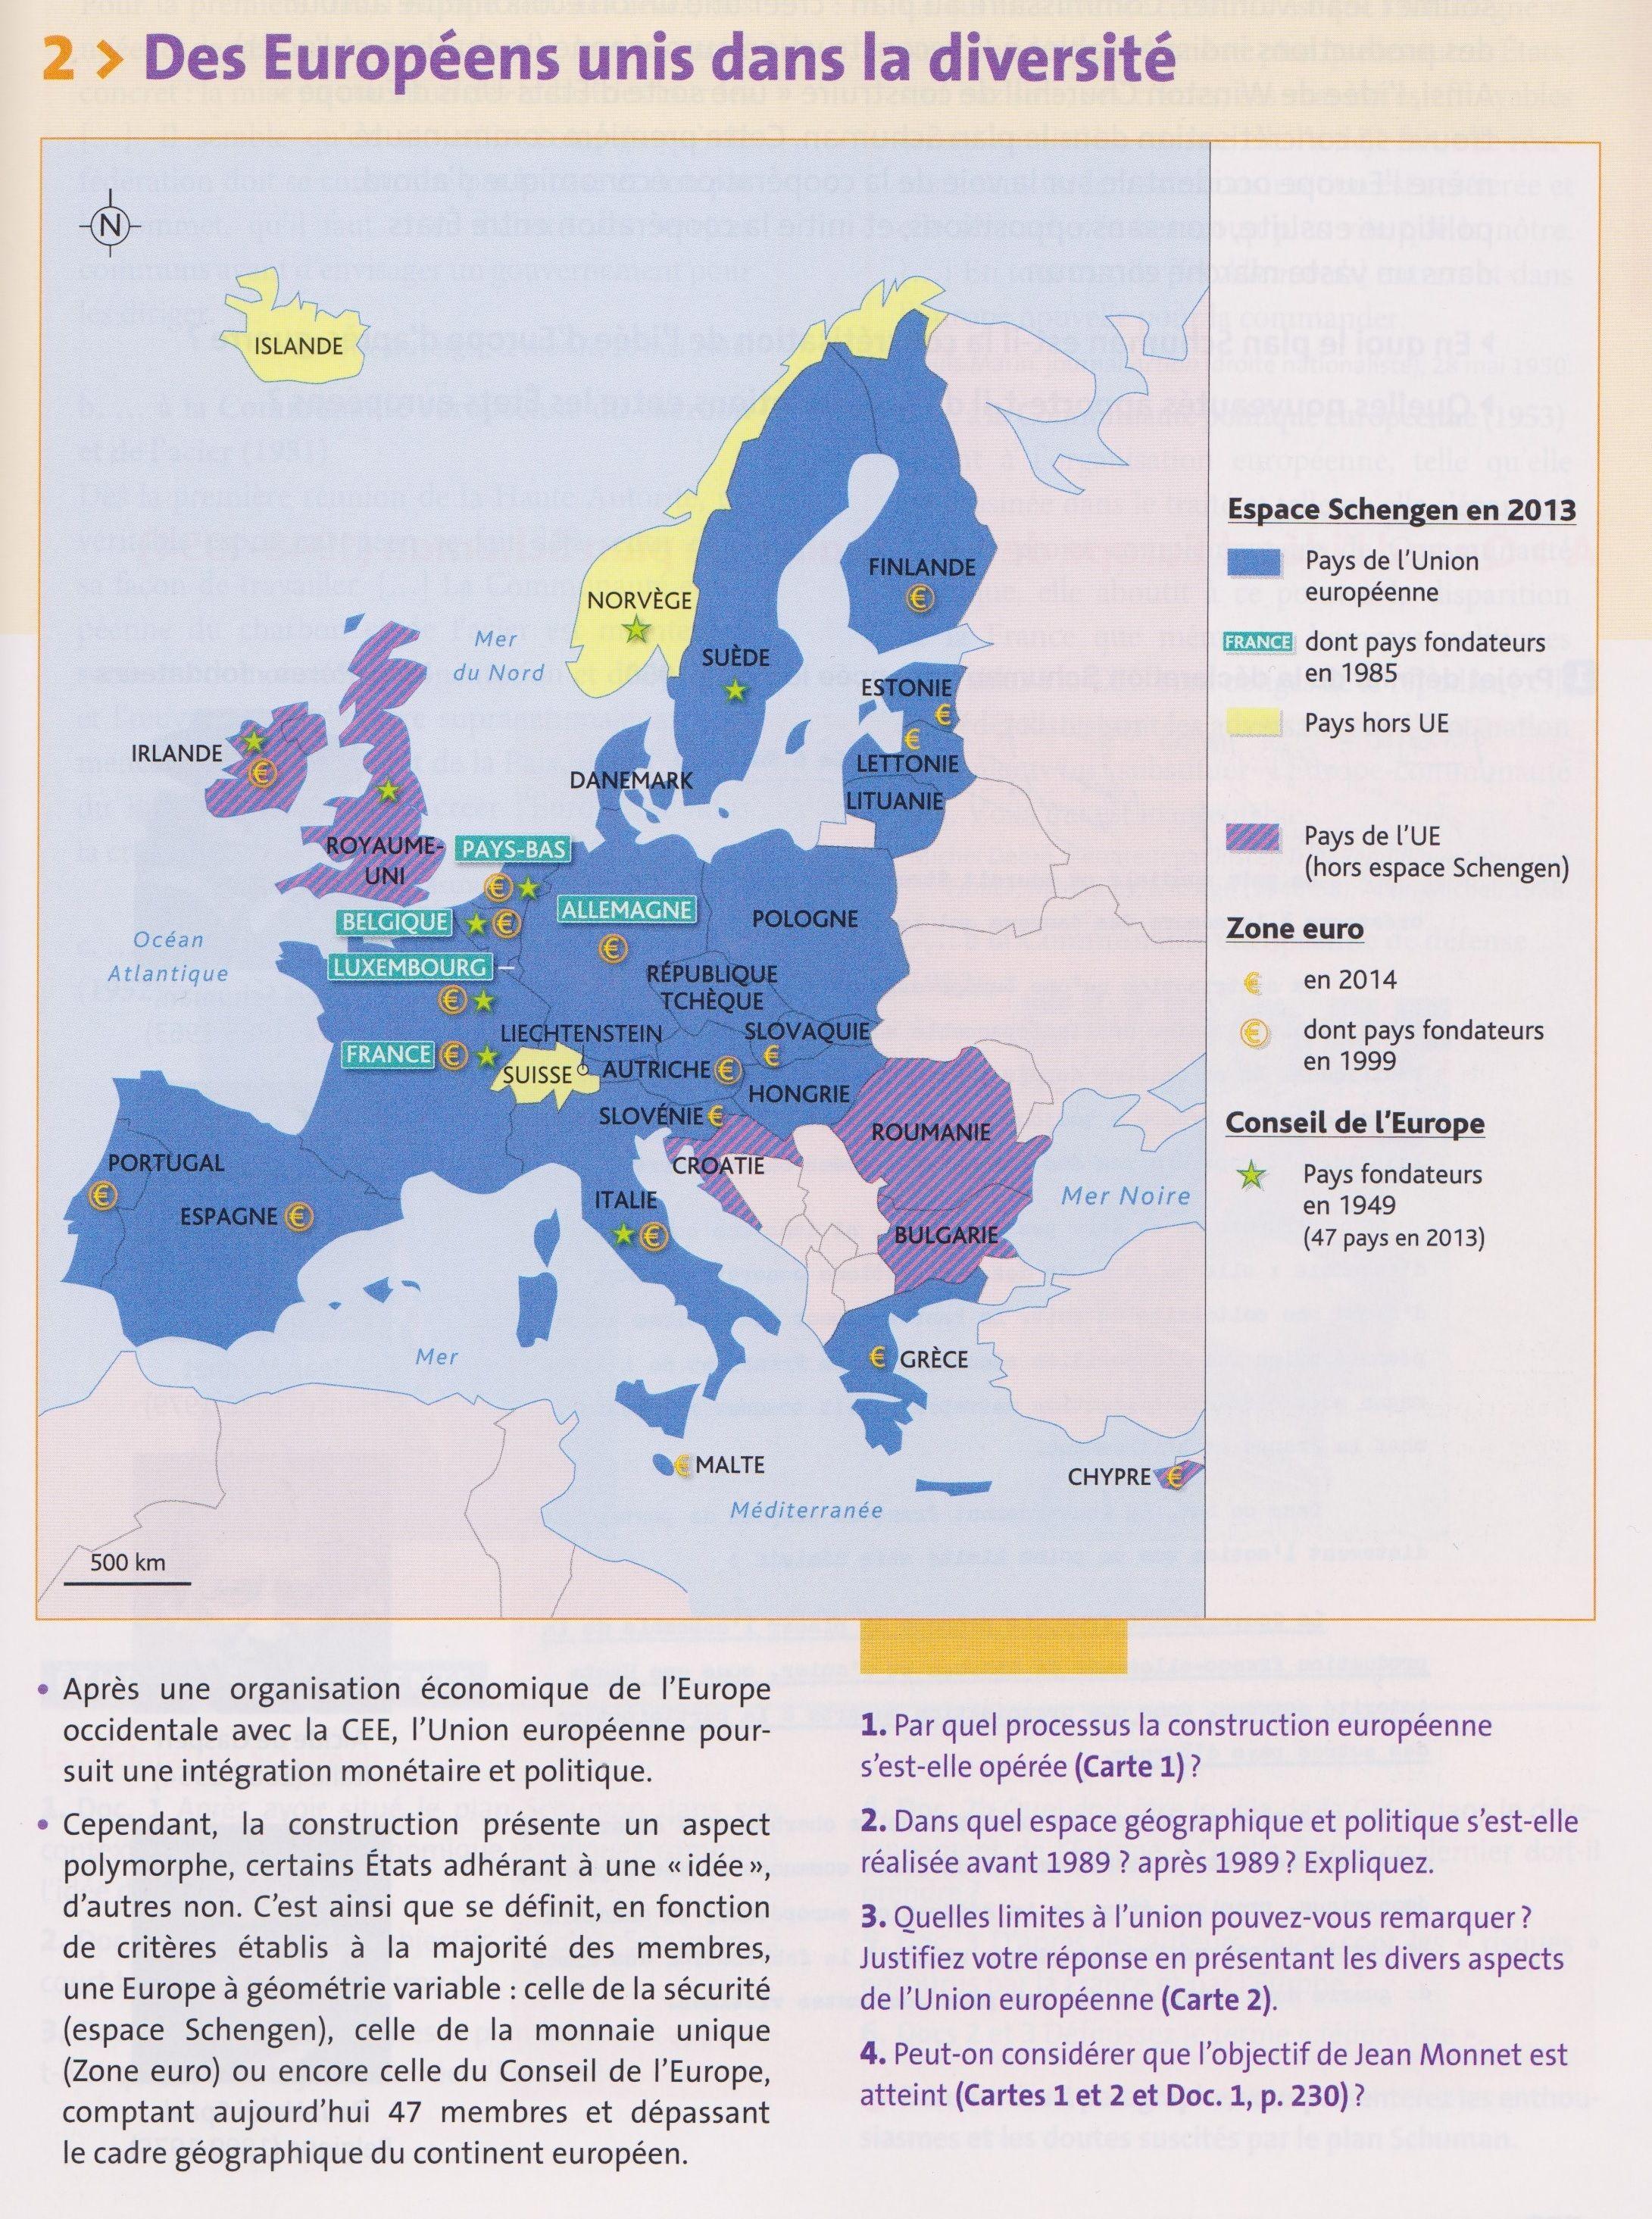 Tbacpro H2 Des Europeens Unis Dans La Diversite L Espace Schengen La Zone Euro Source Votre Manuel Hachette Techn Espace Schengen Mer France Estonie